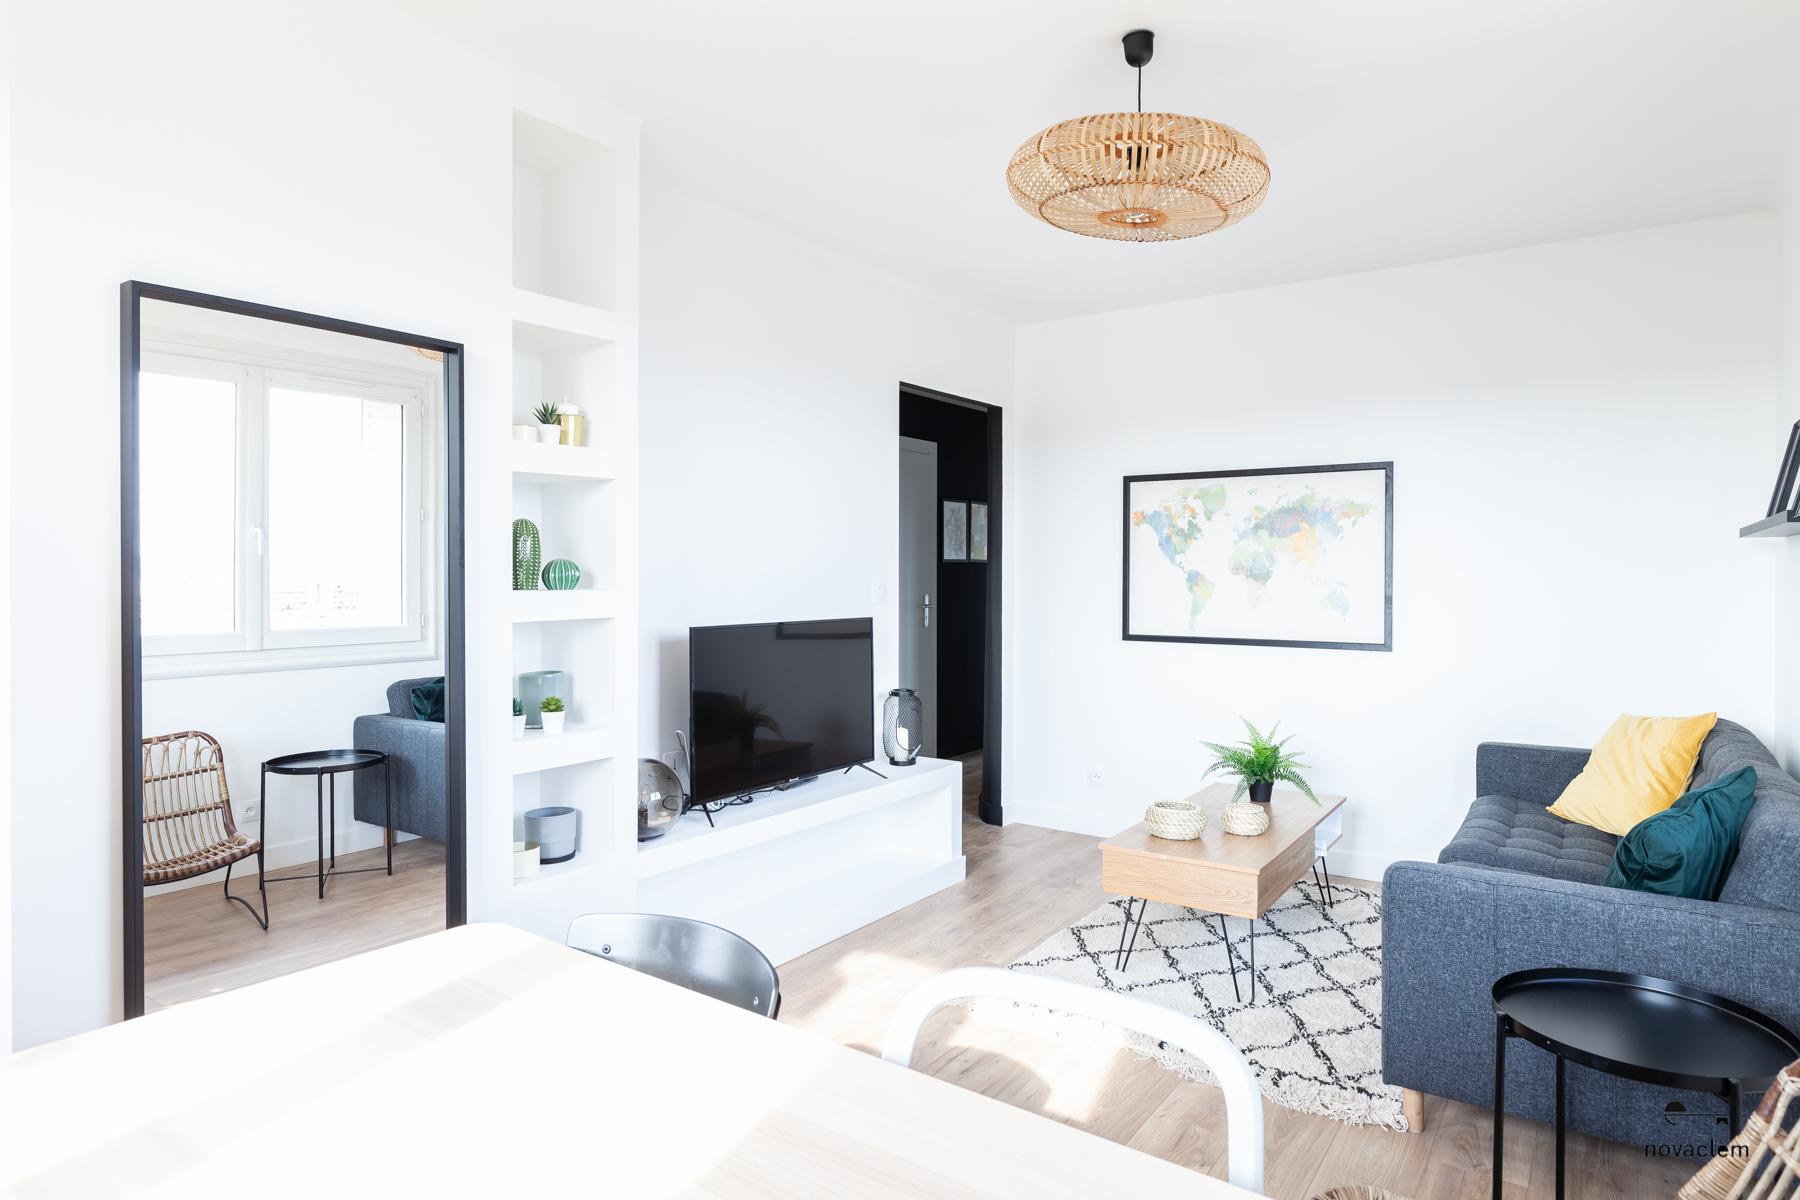 Novaclem - Salon après travaux Coloc Galinat - Investissement Marseille